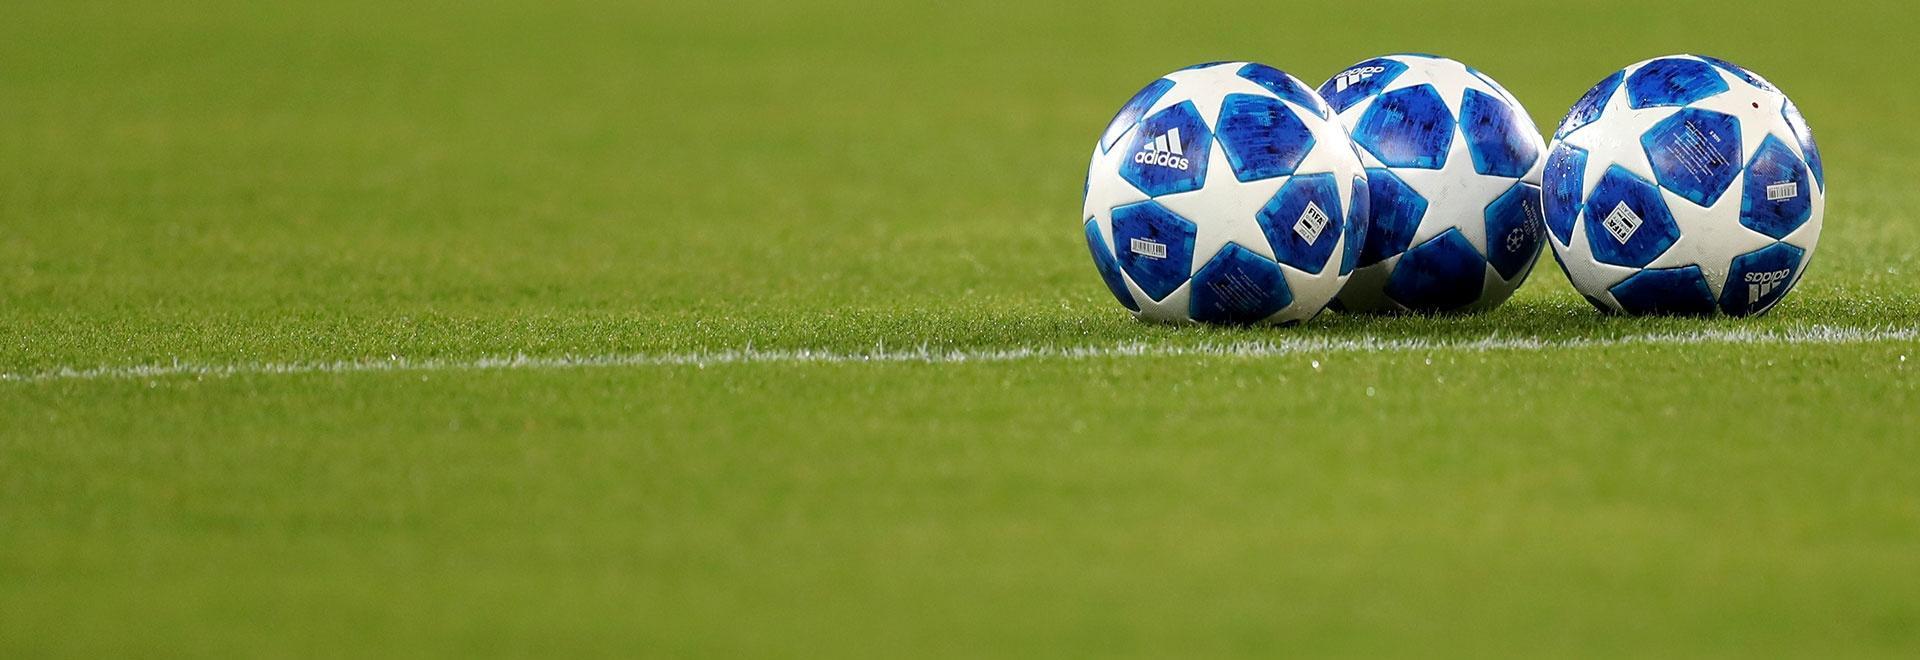 Man Utd - Milan 24/04/07